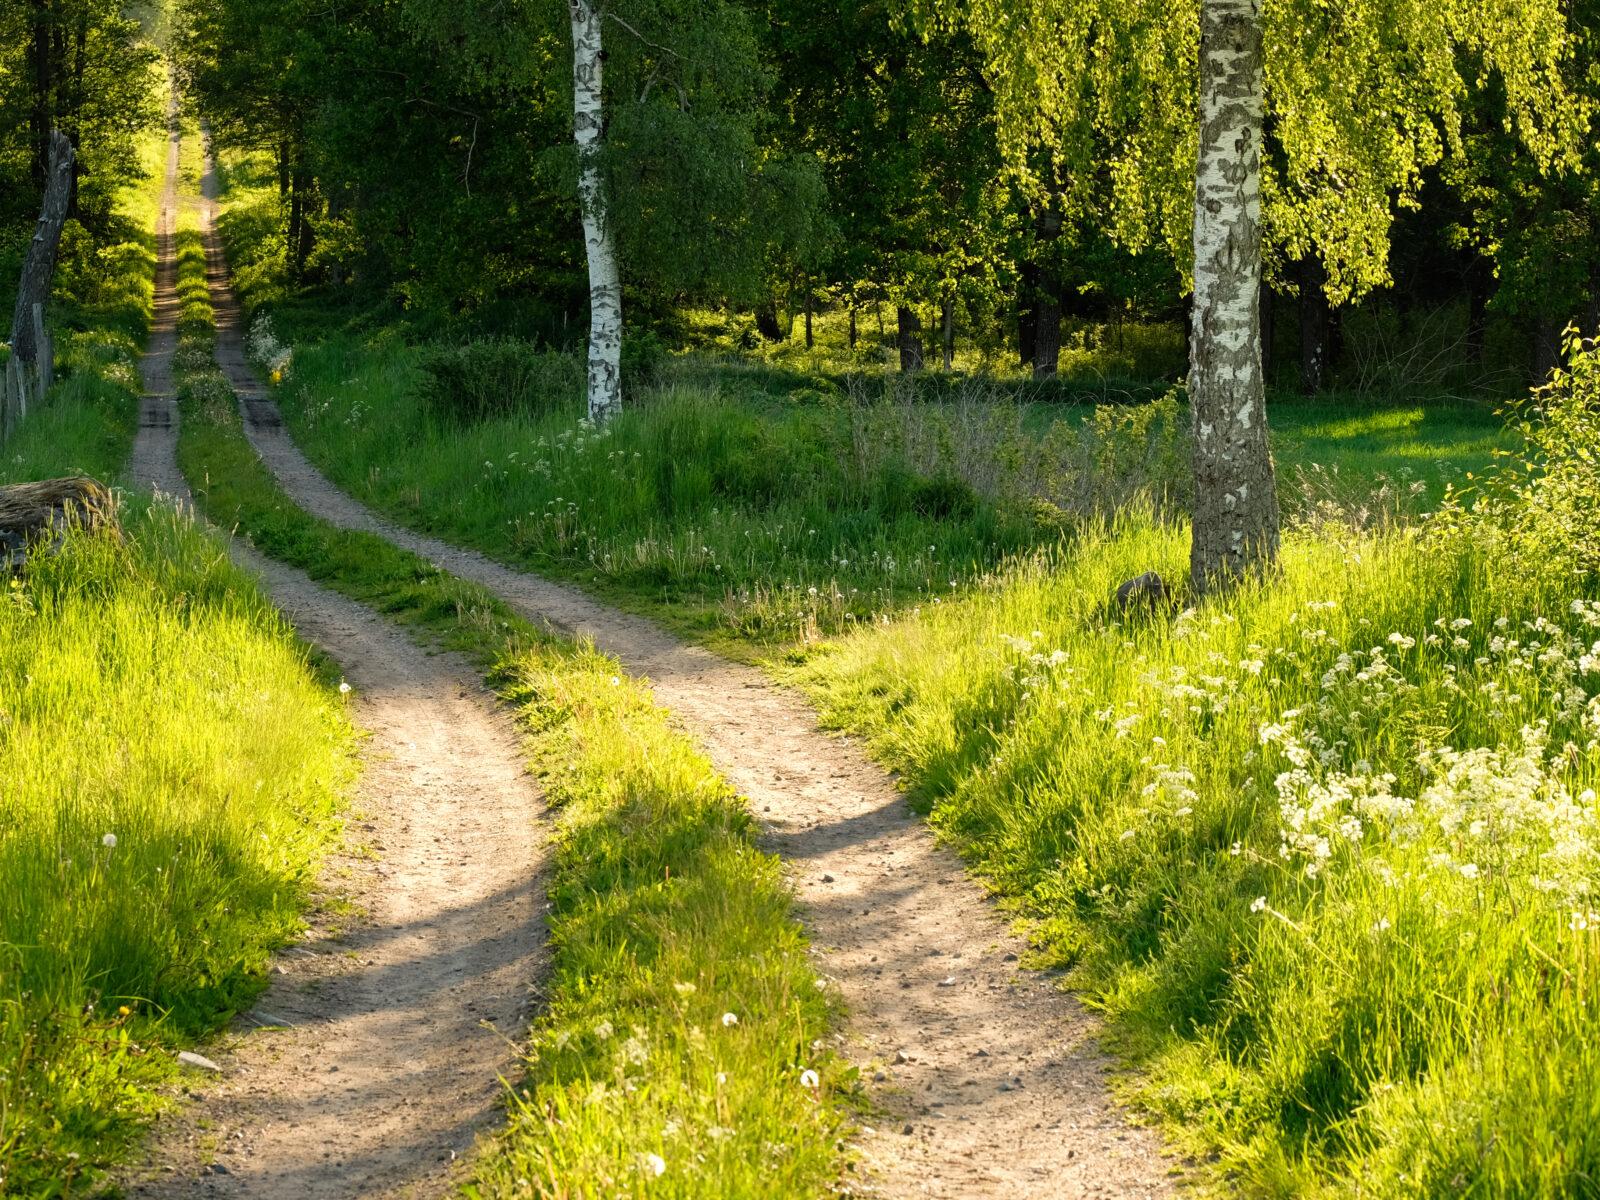 skog,väg,grön,grusväg,gräs,träd,björk,sommar,blommor